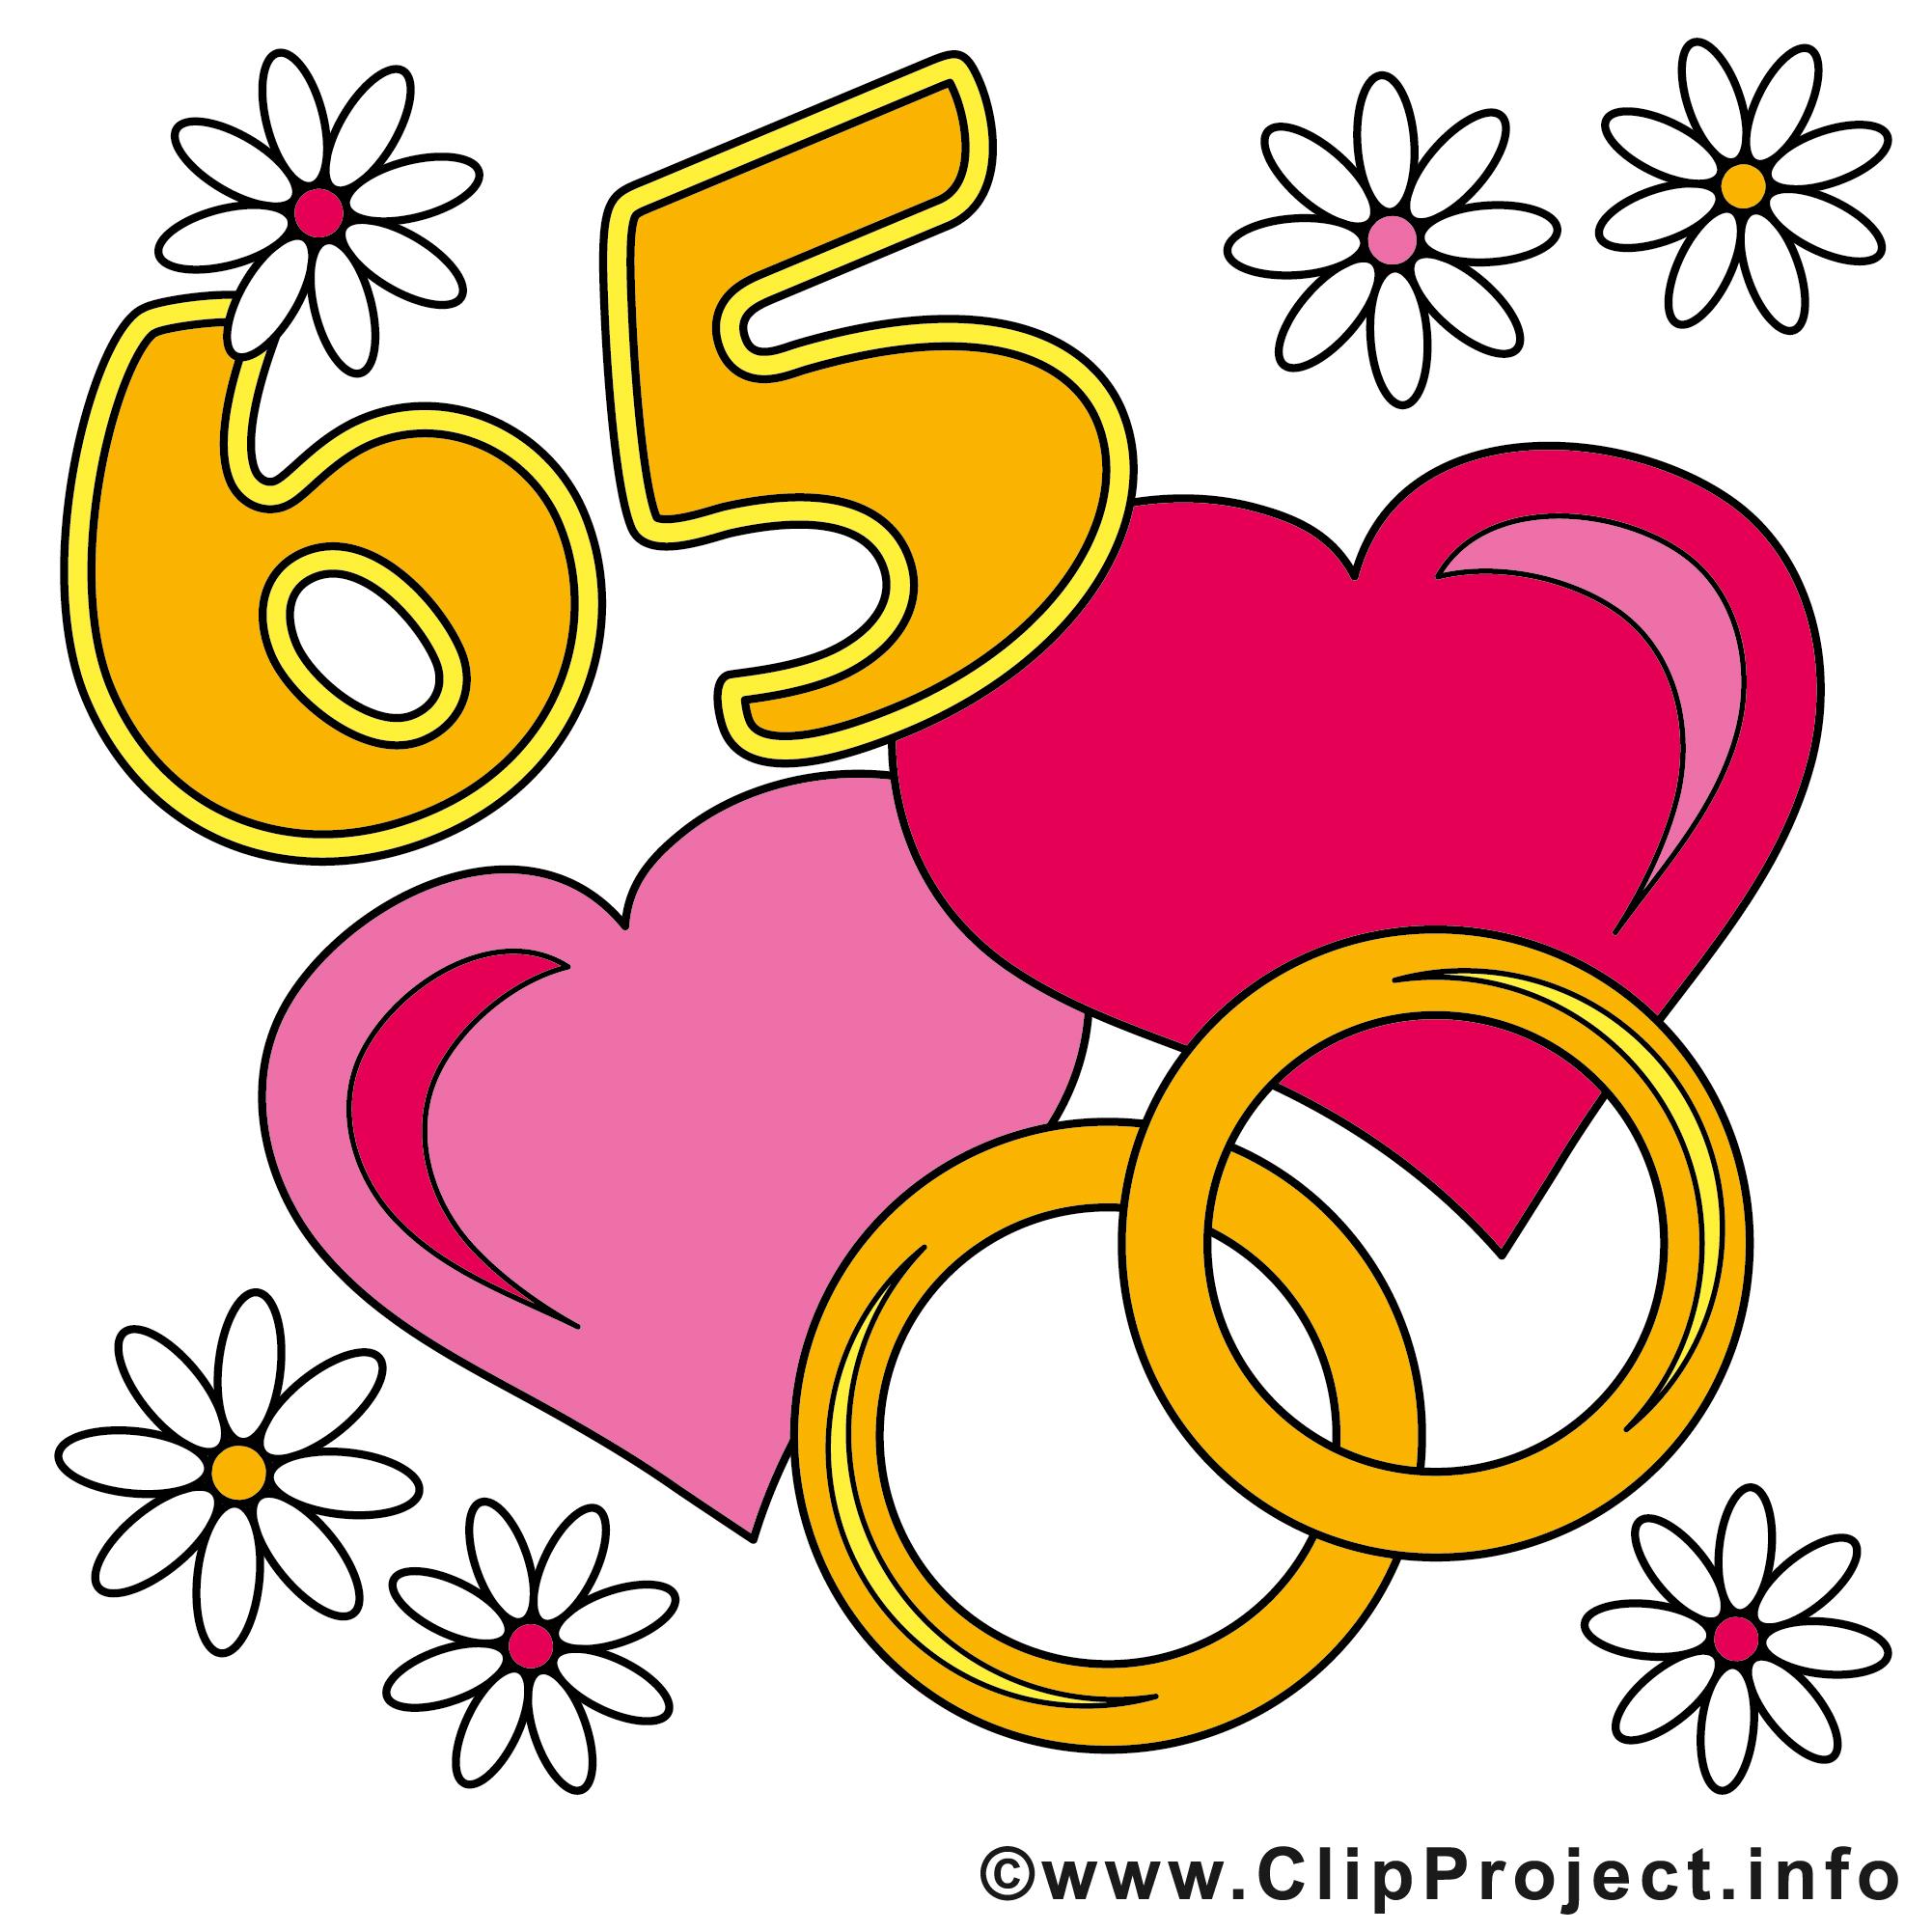 65 ans anniversaire mariage clip art gratuit anniversaires de mariage dessin picture image - Clipart anniversaire gratuit telecharger ...